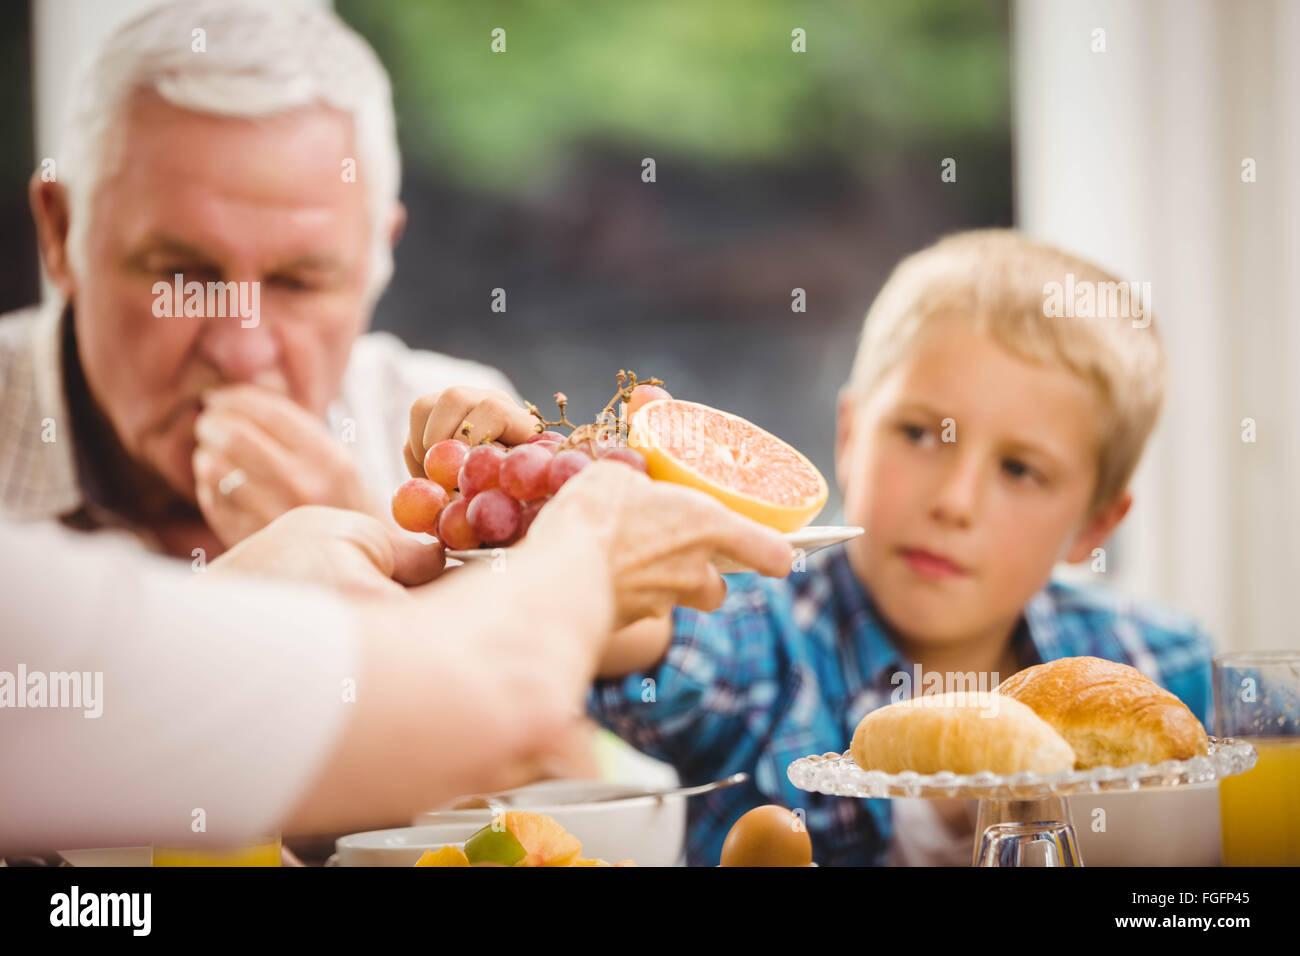 Nahaufnahme der Hände übergeben Obstteller Stockbild